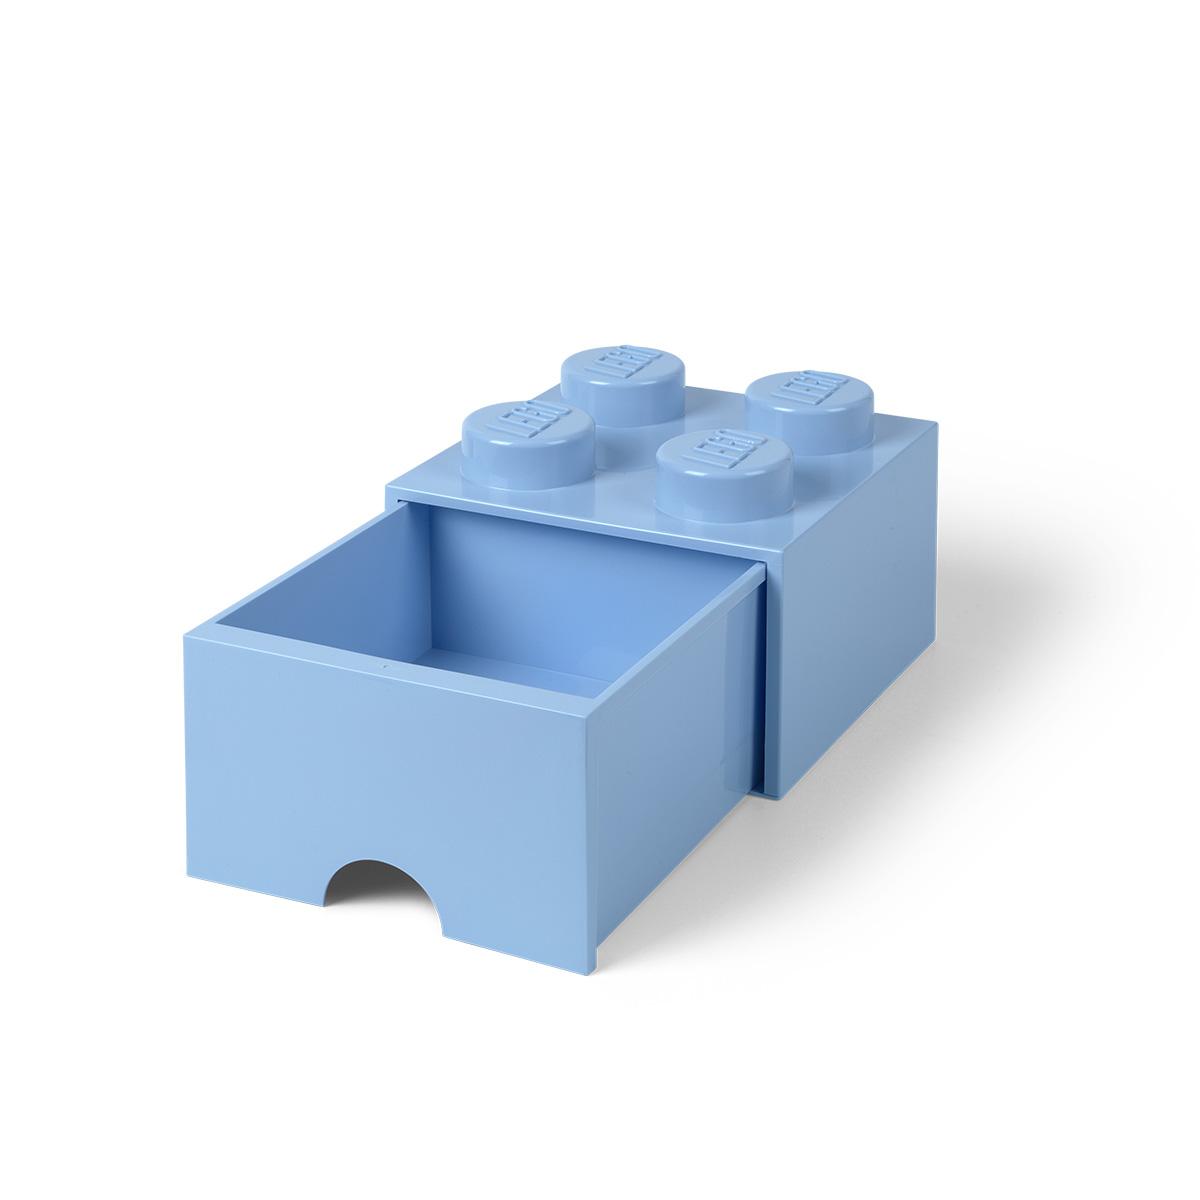 LEGO opbevaringskasse med 1 skuffe - Lyseblå